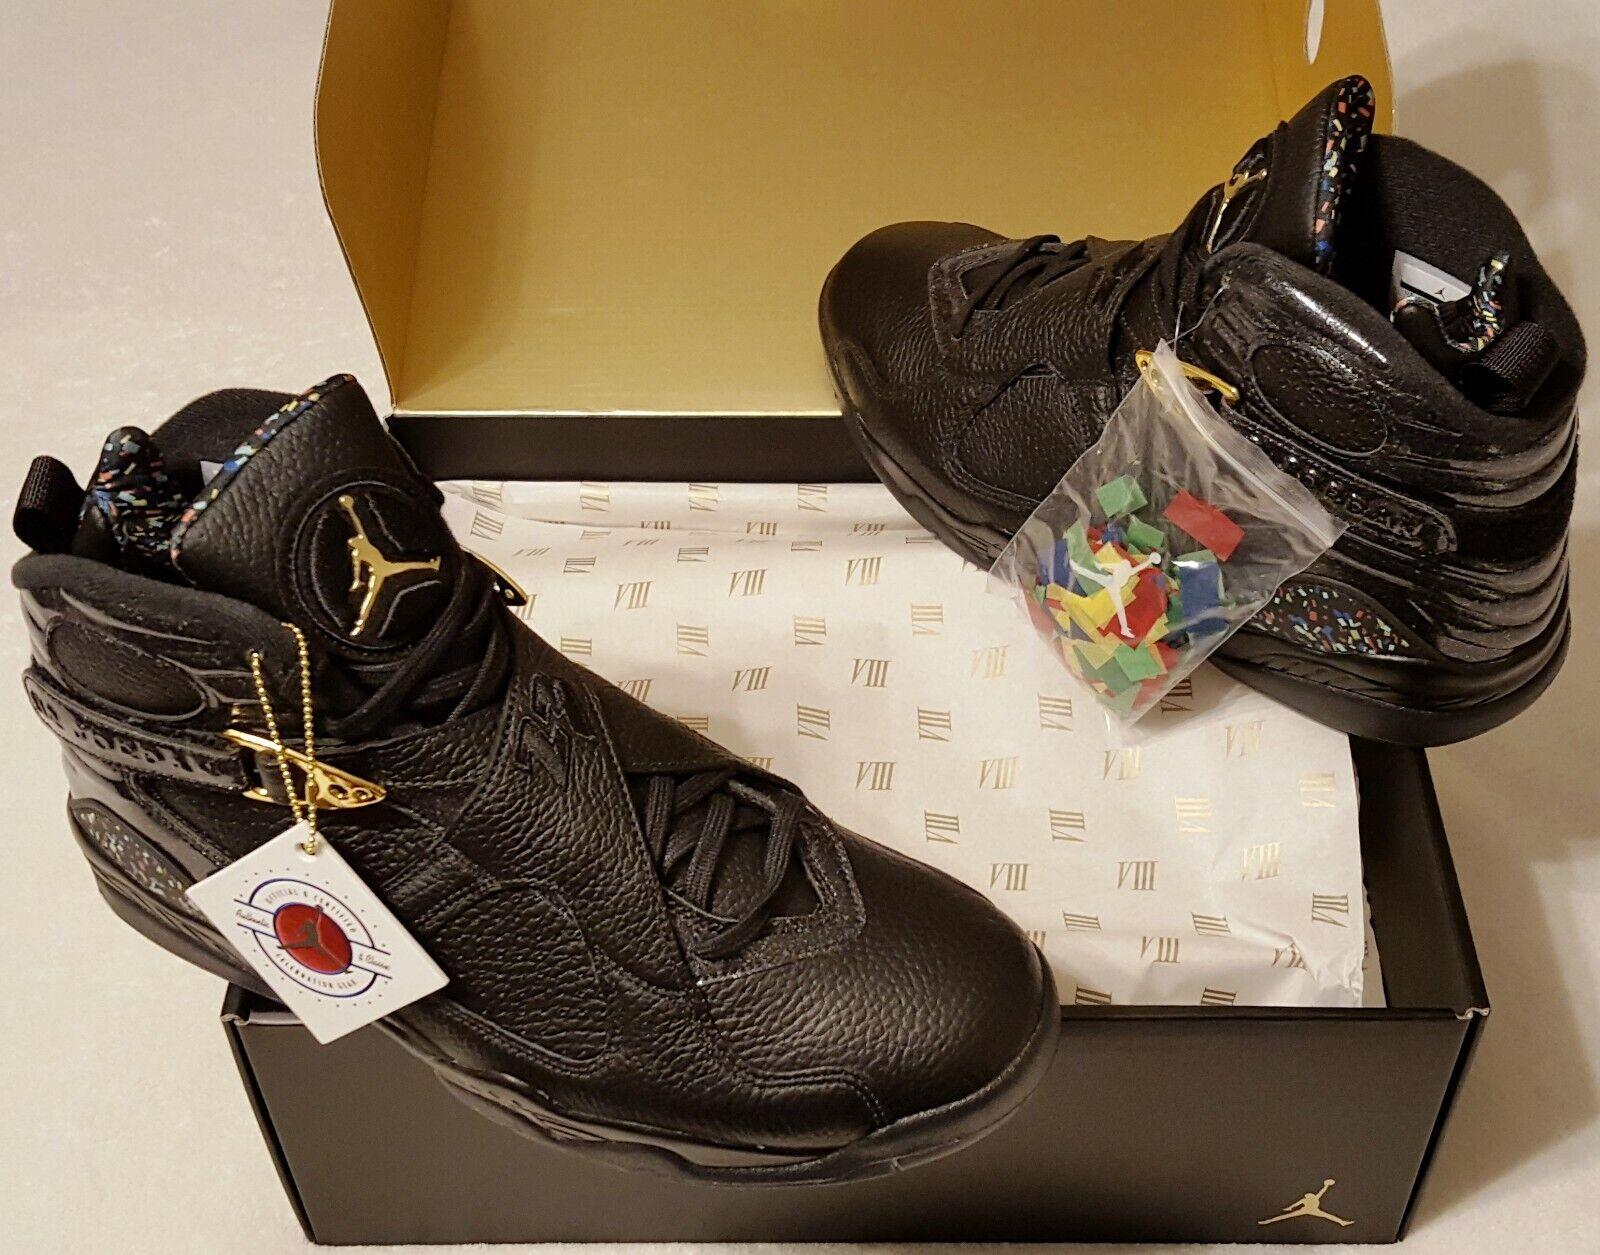 Nike Air Jordan 8 Confetti 2016 Michael Jordan Mens Shoe Size 12 New In Box